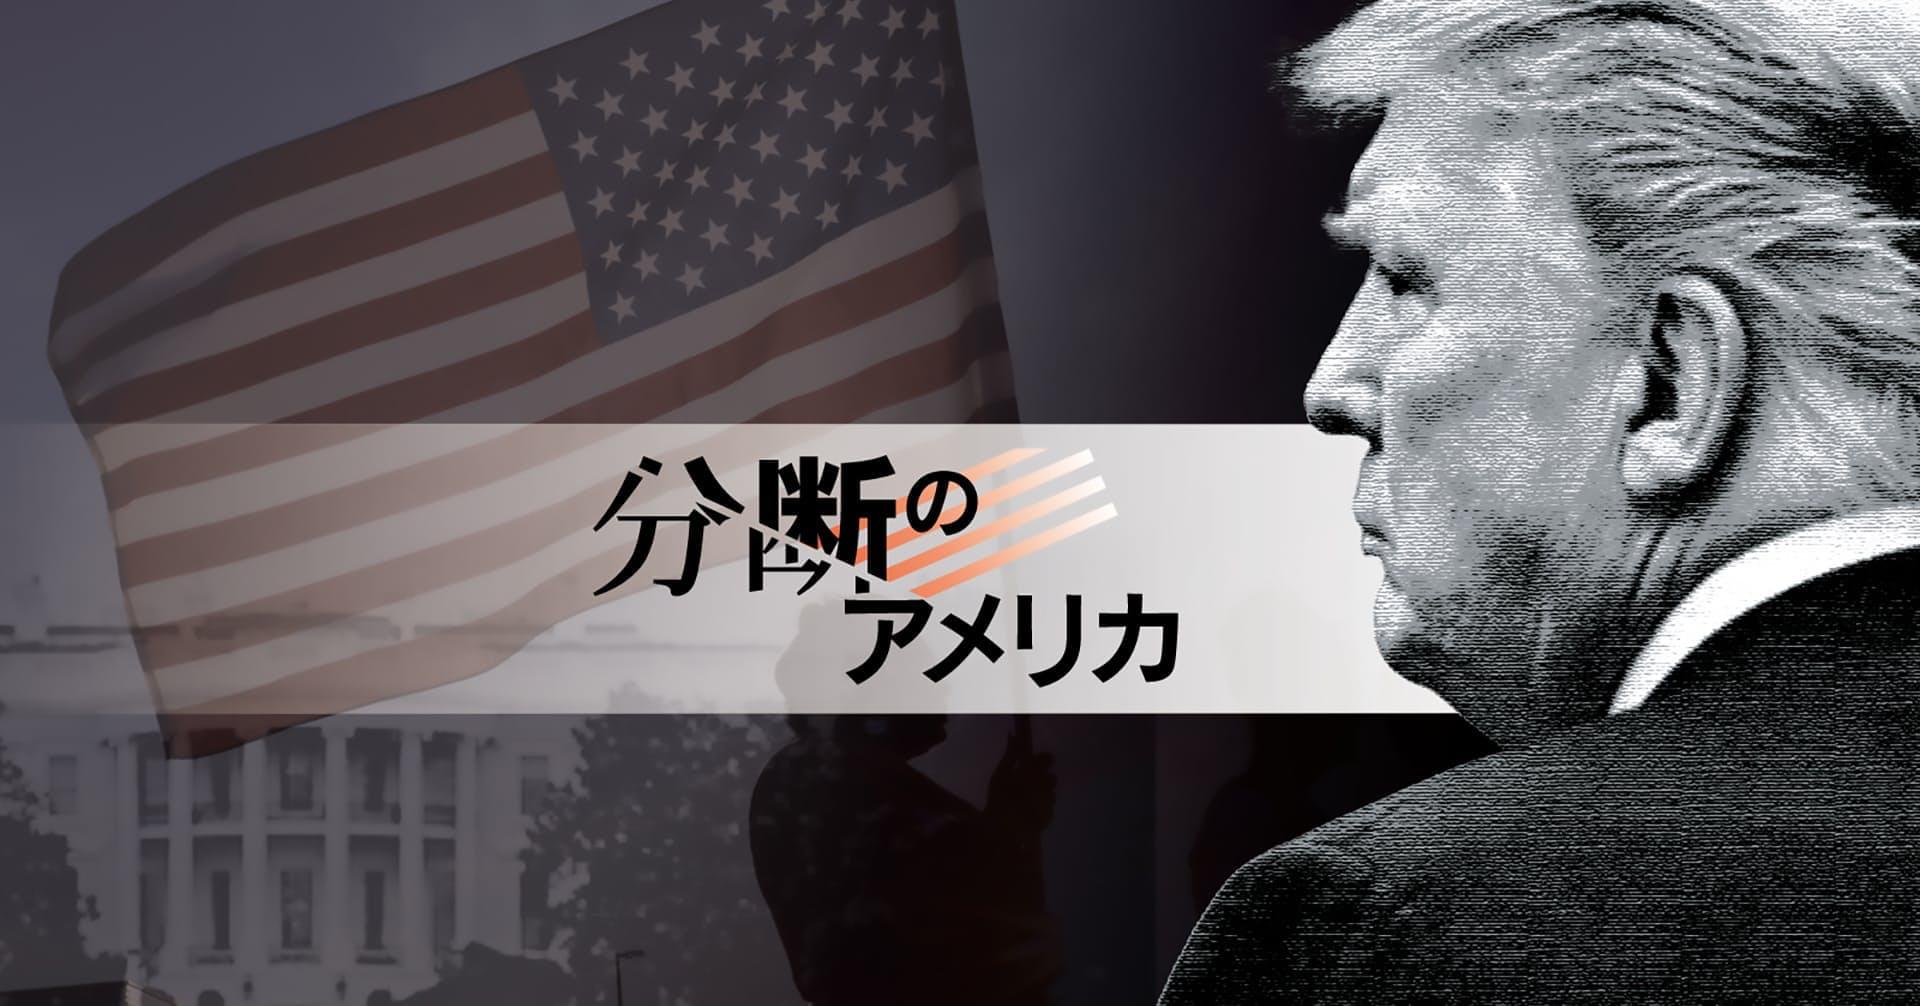 分断のアメリカ